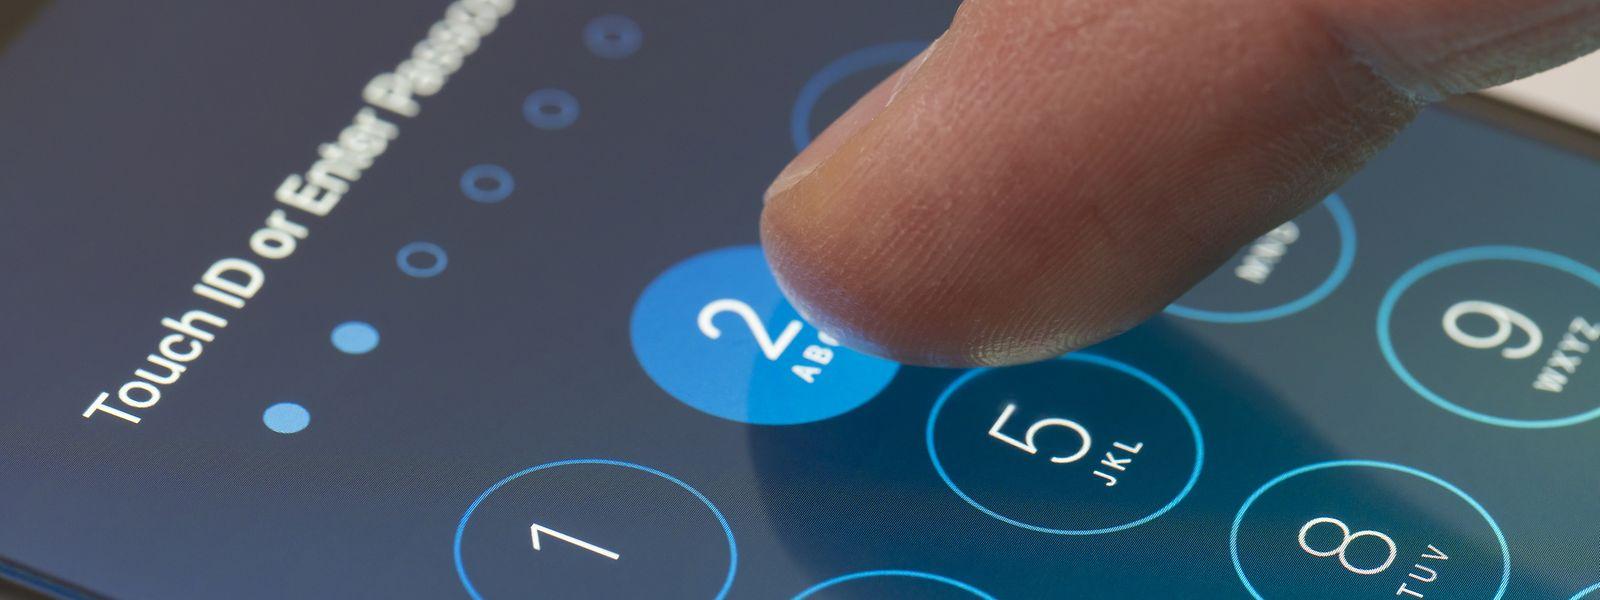 """Die Software """"Pegasus"""" der israelischen Firma NSO kann auf Handys installiert werden, ohne, dass die Opfer etwas davon mitbekommen."""